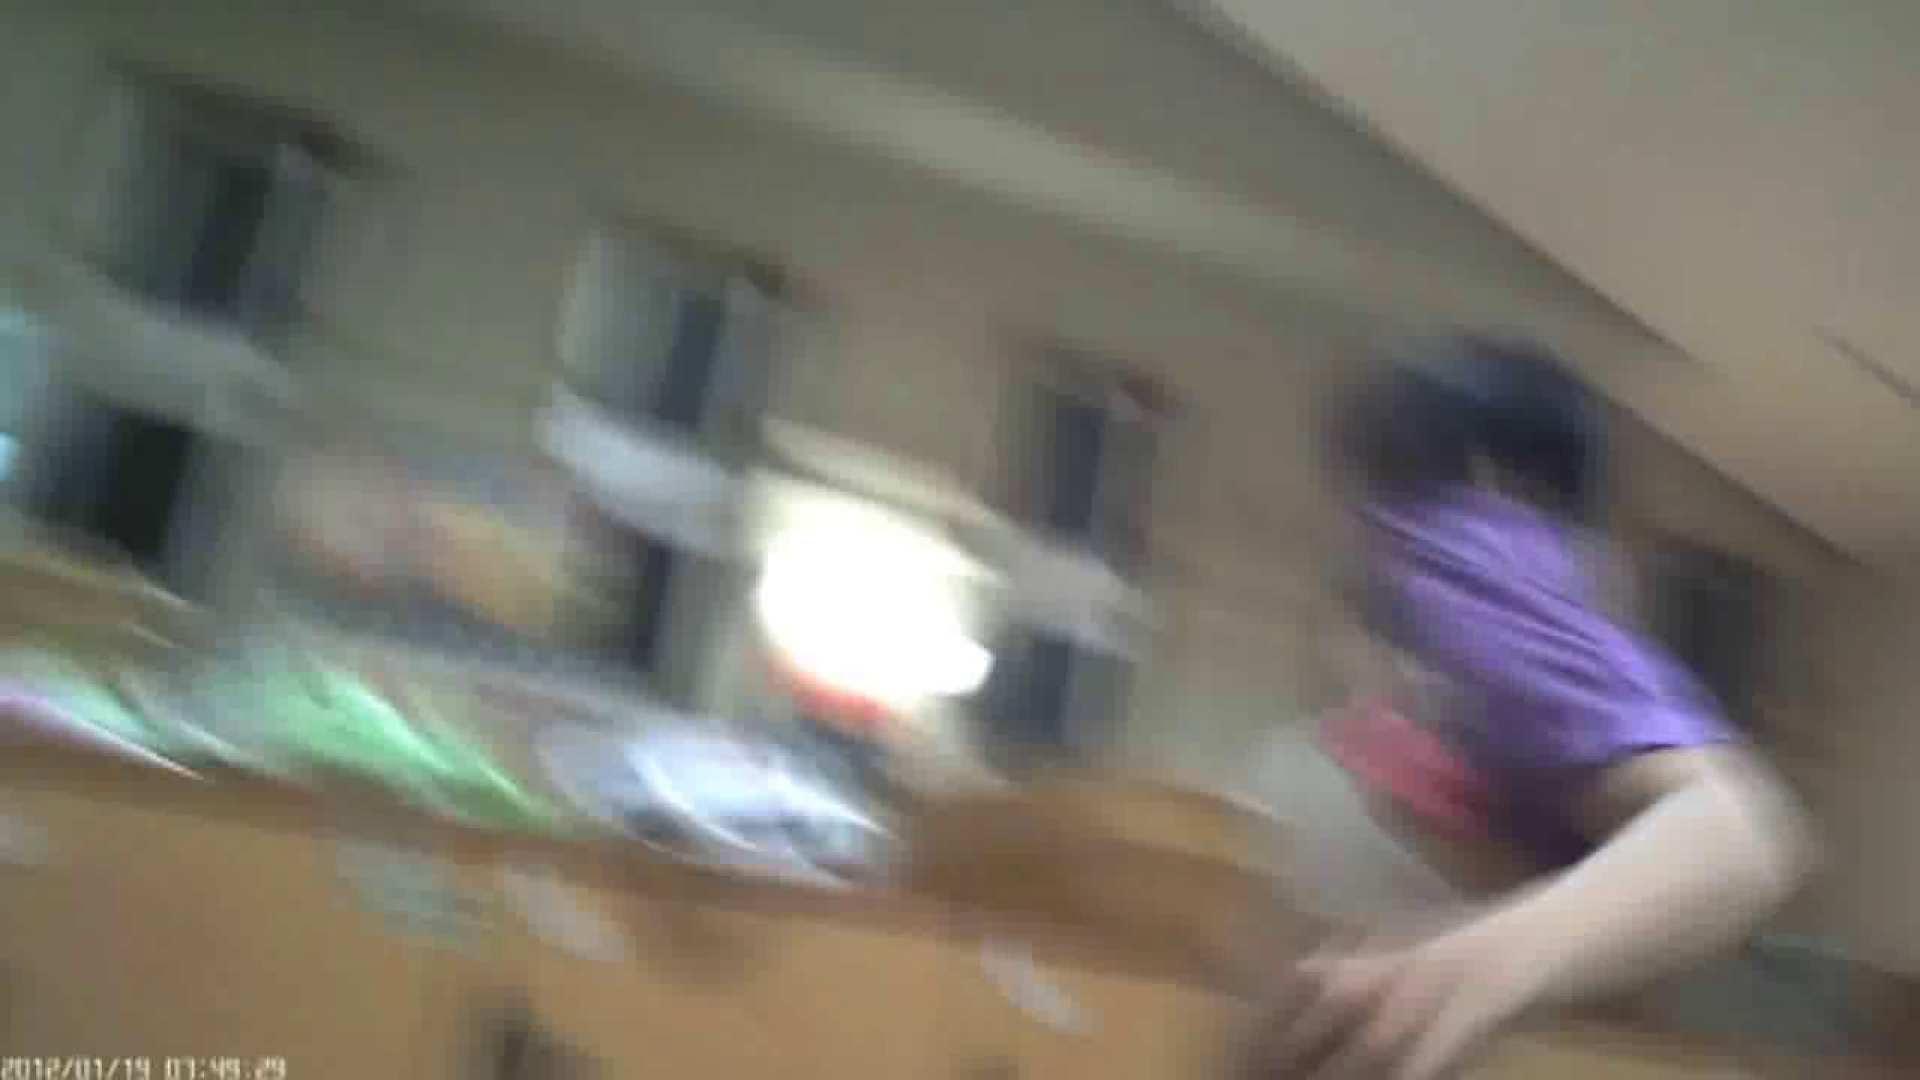 現役ギャル盗撮師 hana様の女風呂潜入撮!Vol.1 盗撮 セックス無修正動画無料 43PICs 9